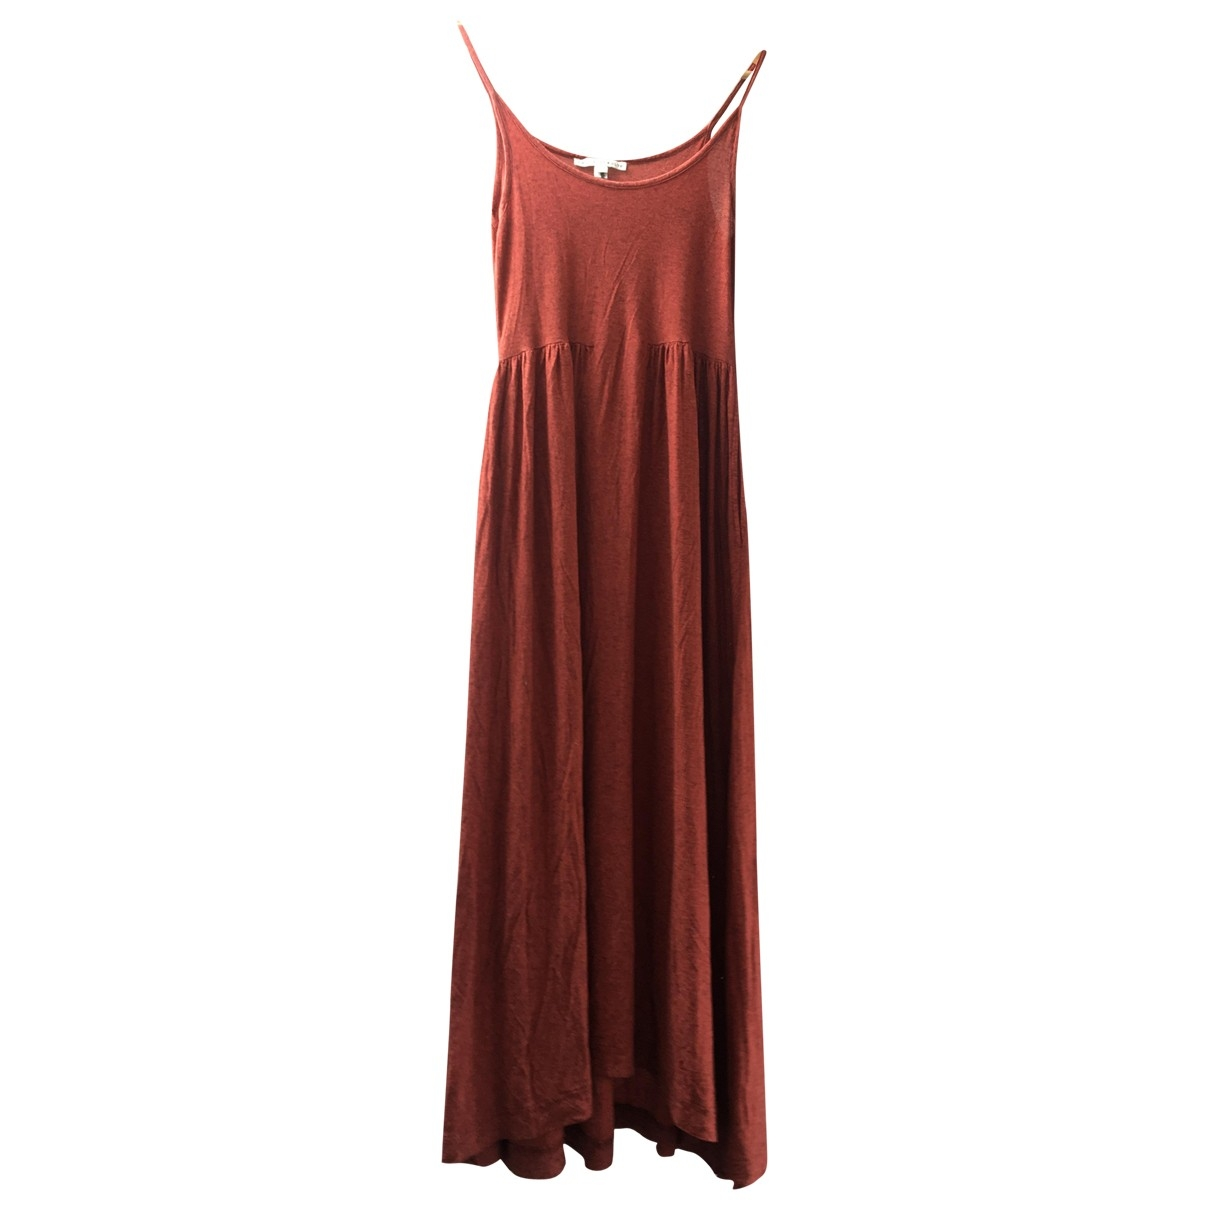 Maxi vestido Twenty8twelve By S.miller